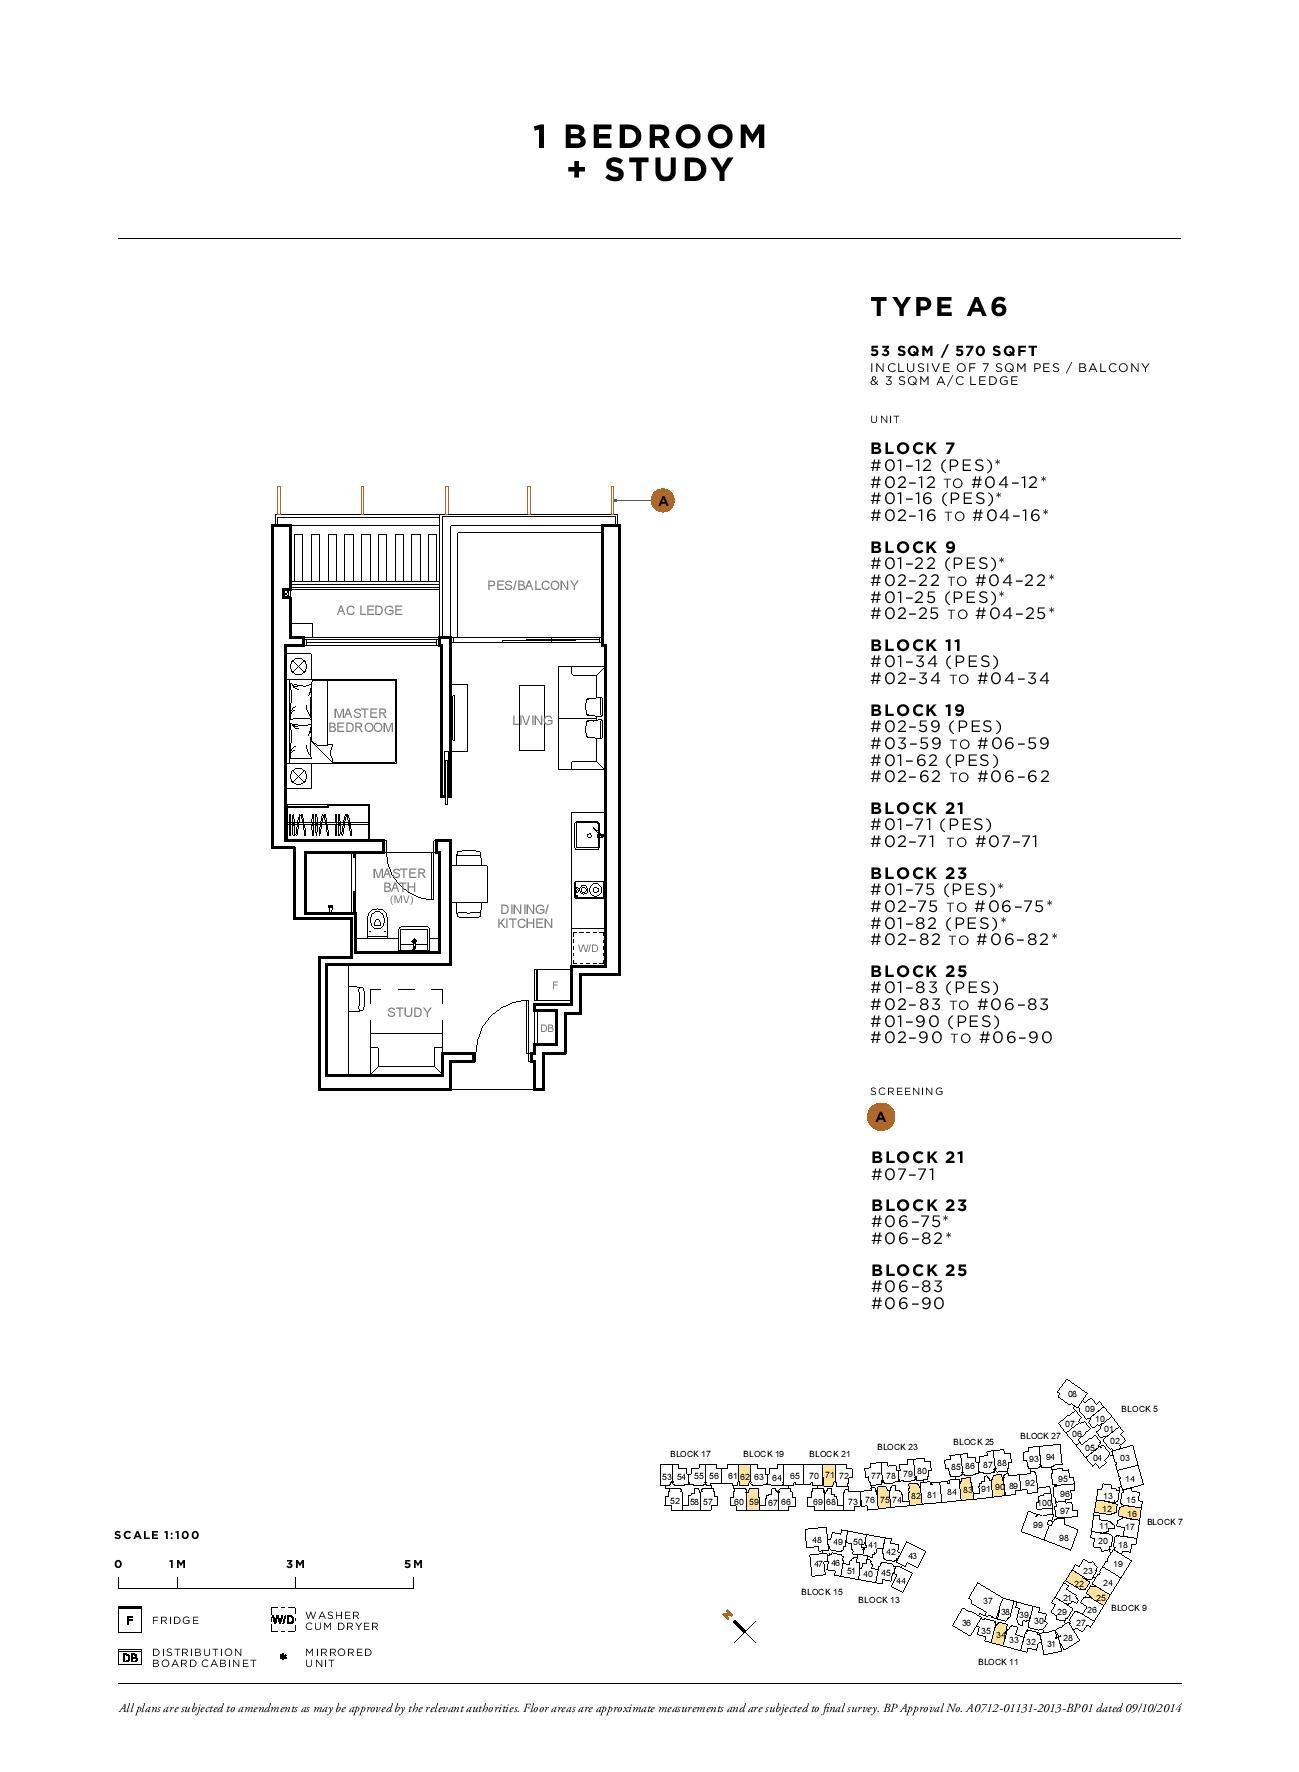 Sophia Hills 1 Bedroom + Study Type A6 Floor Plans